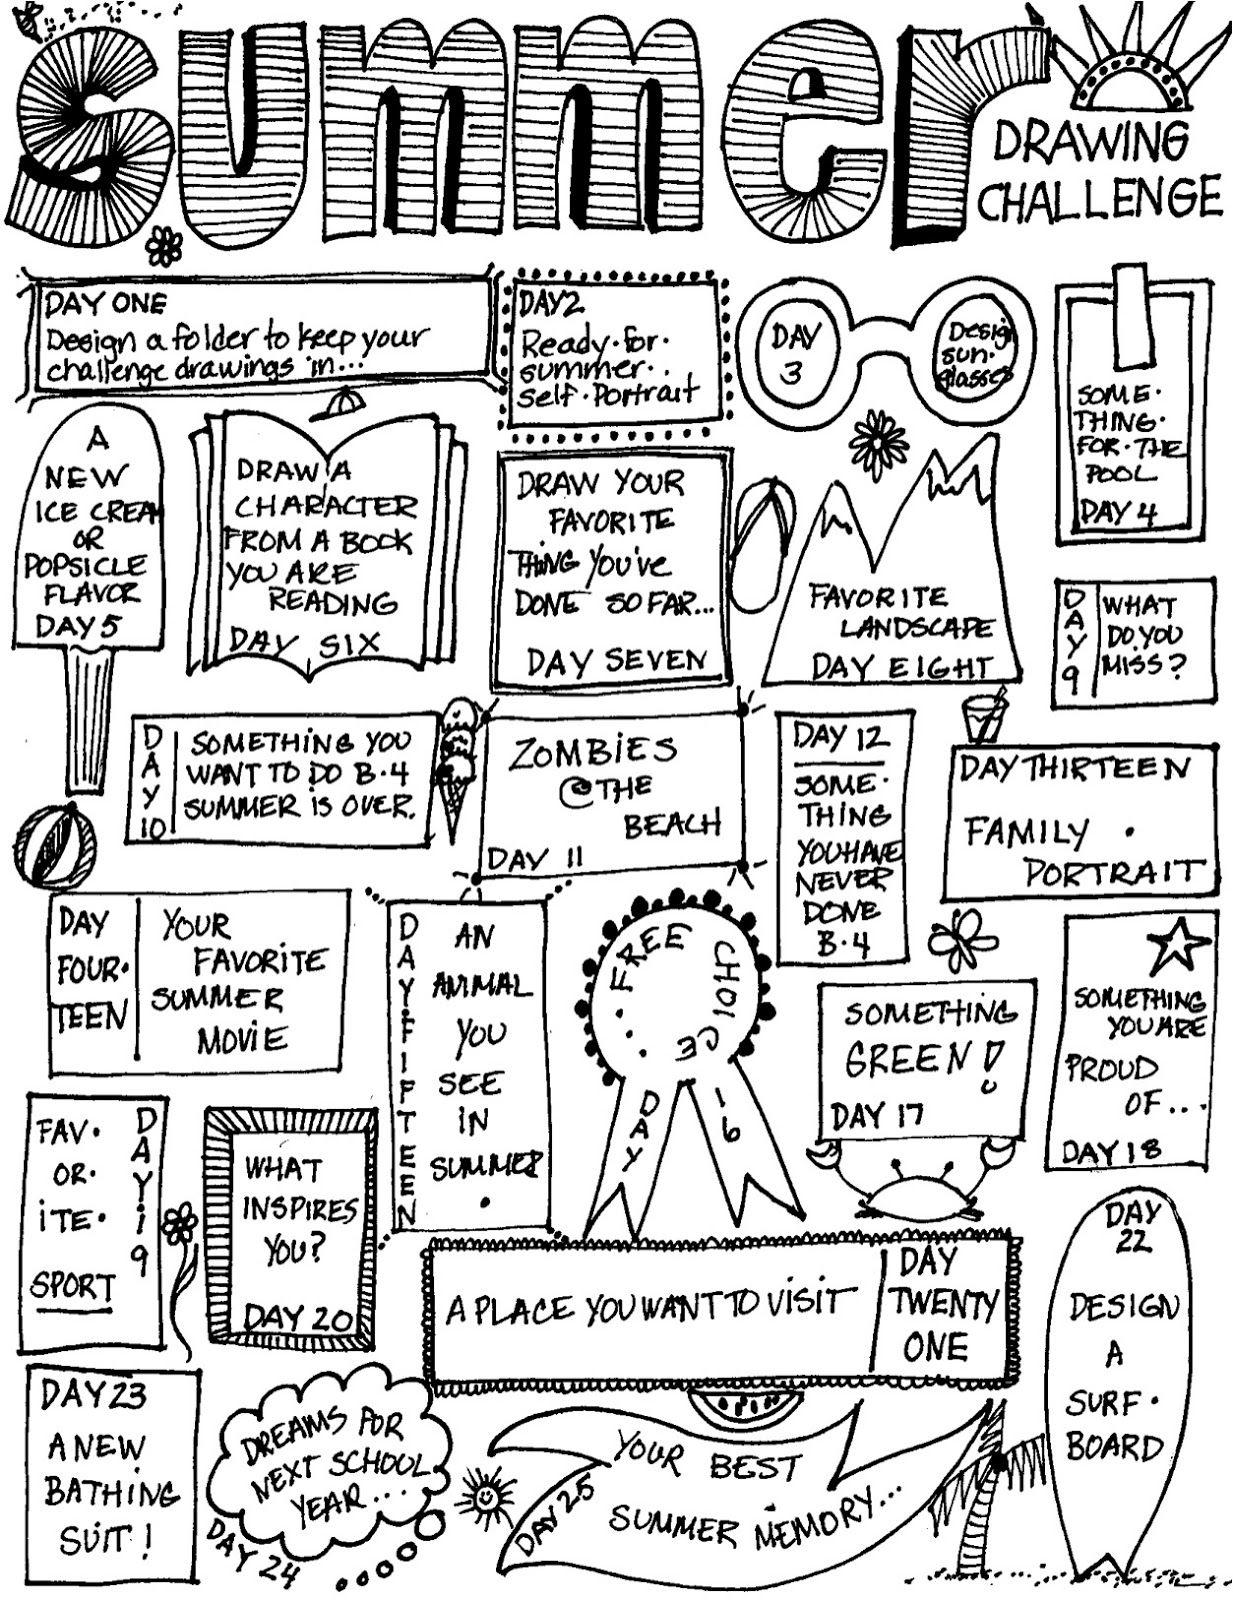 Mizzsmiff S Art Room Summer Drawing Challenge